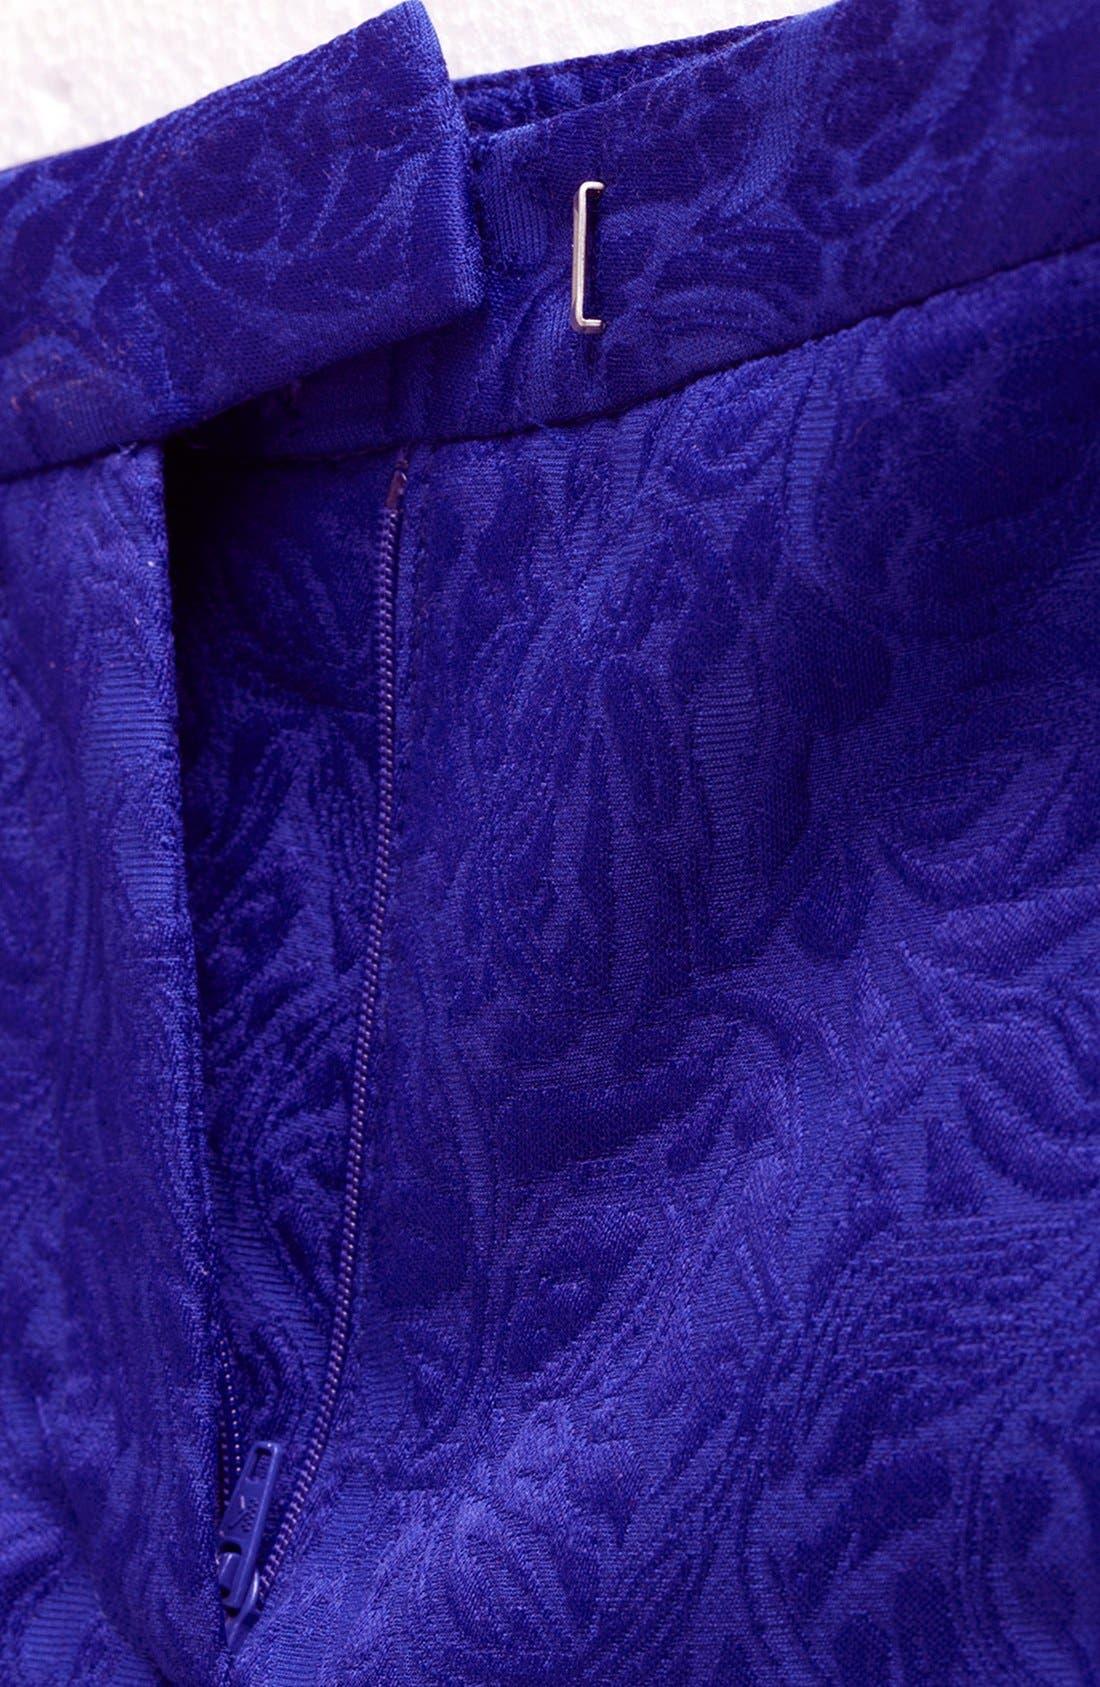 Jacquard Crop Cigarette Pants,                             Alternate thumbnail 3, color,                             430